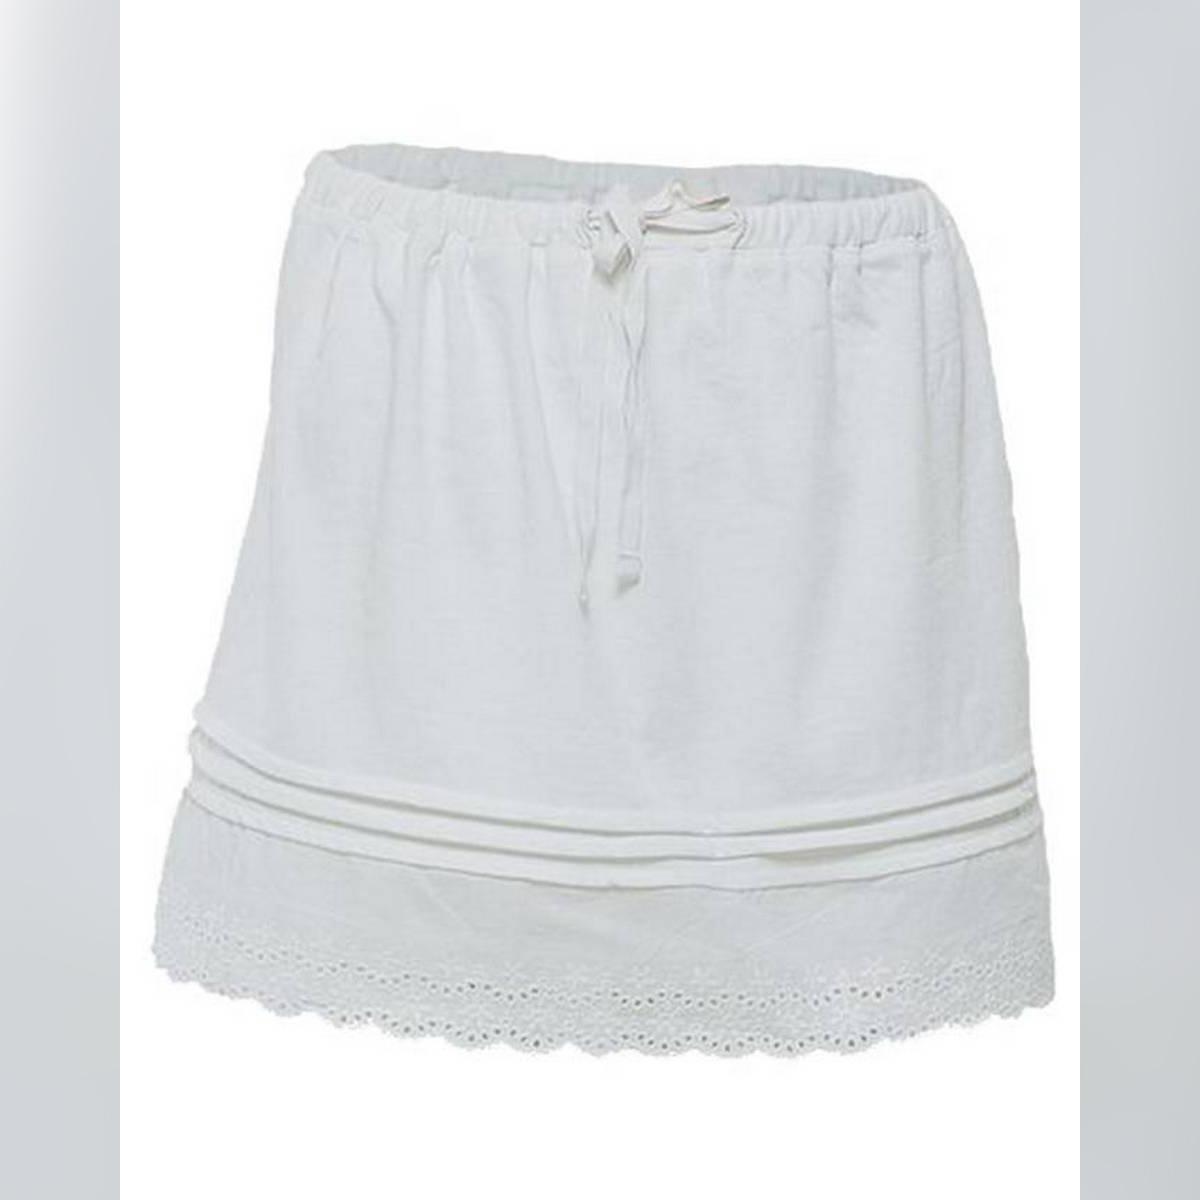 White Cotton Skirt For Women